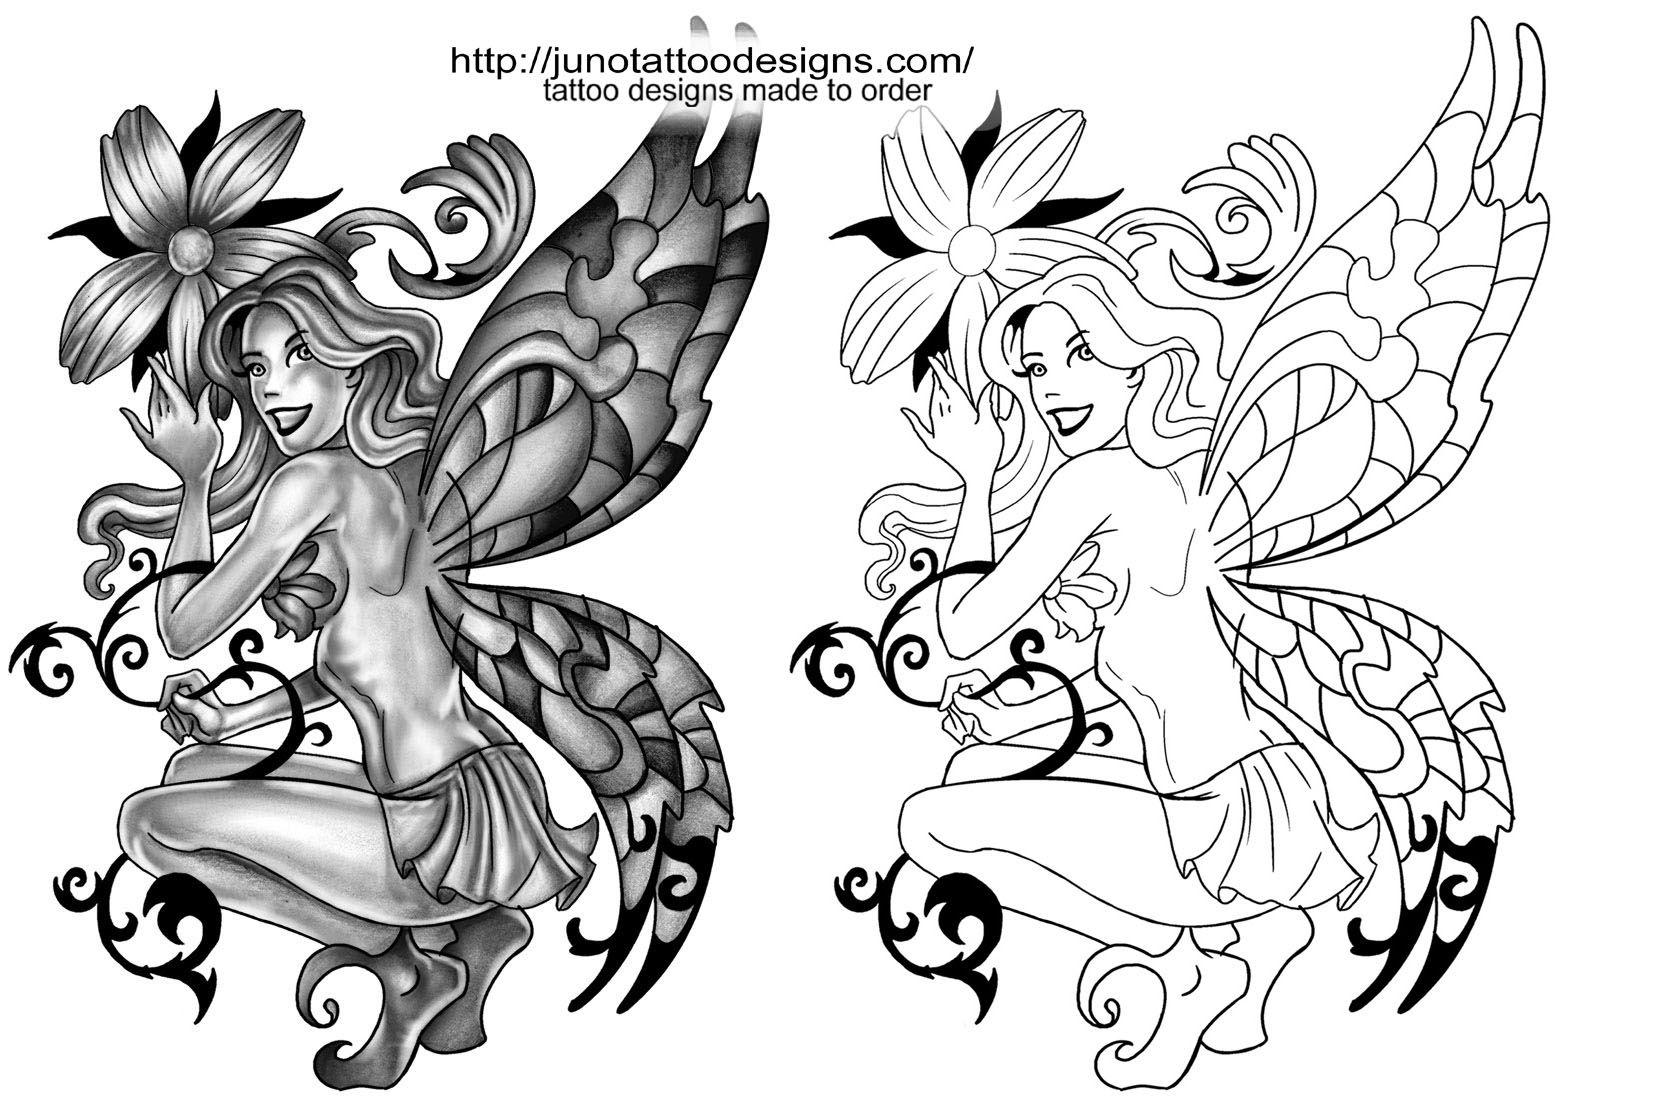 Free tattoo stencils is my gallery of free tattoo